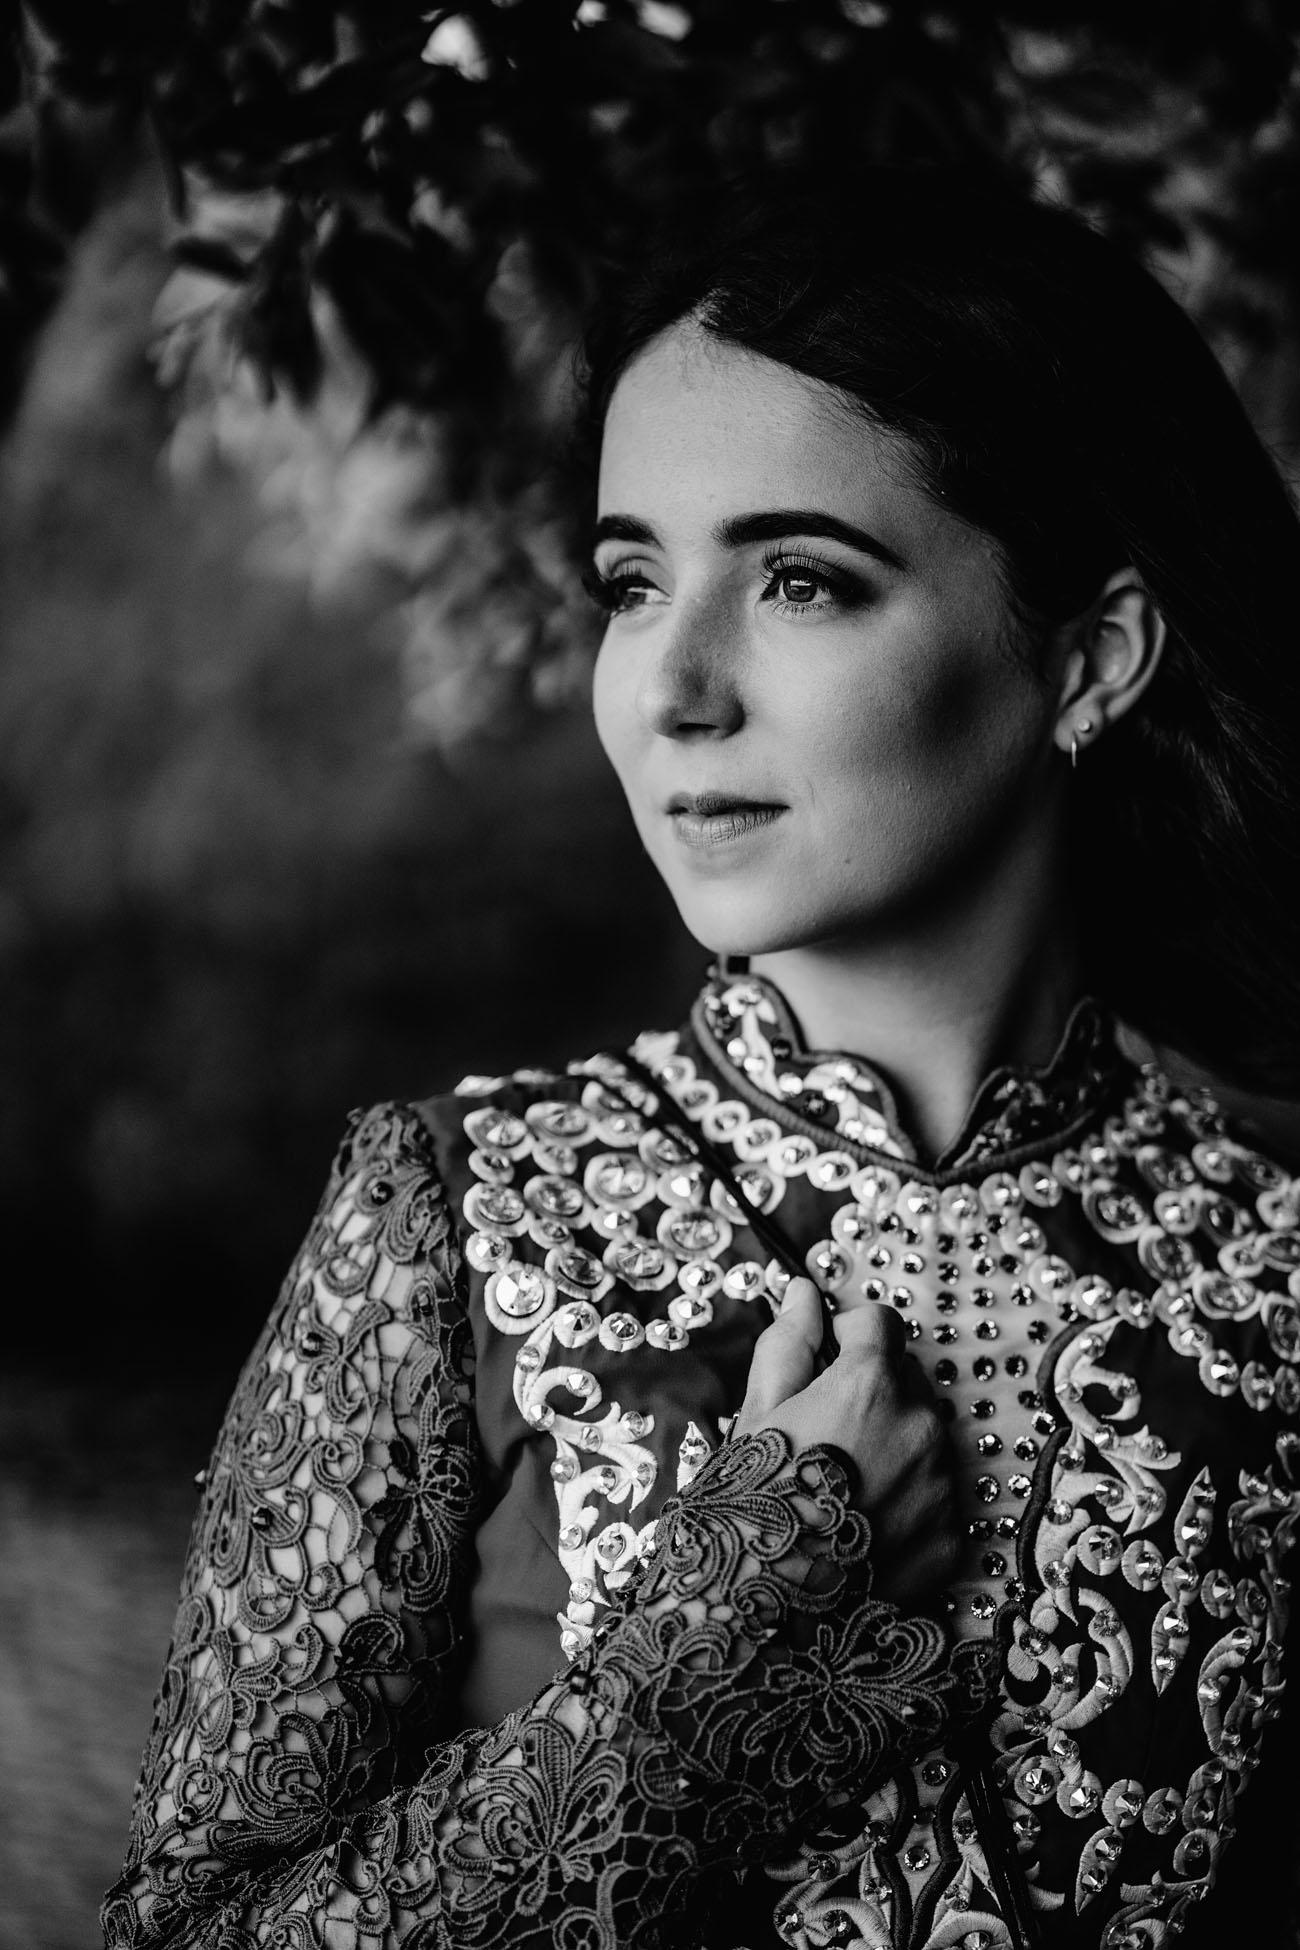 irish-dance-portrait-photographer-dublin-ireland-0077.jpg